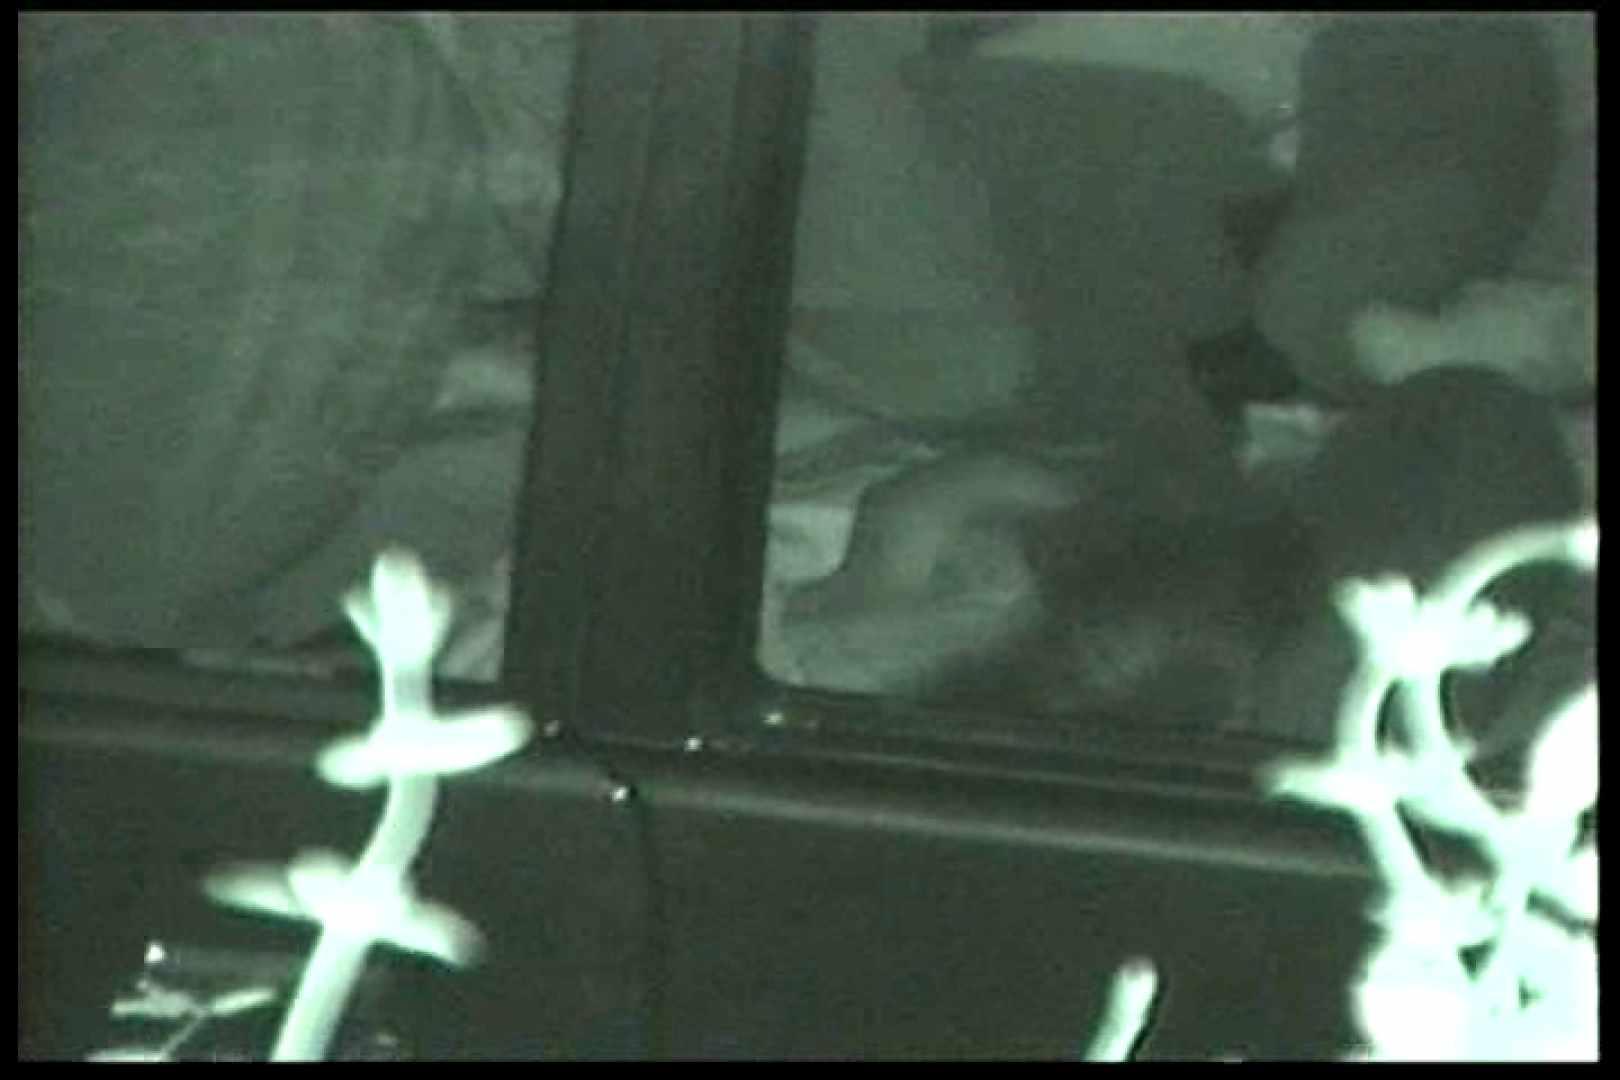 車の中はラブホテル 無修正版  Vol.15 赤外線 性交動画流出 77pic 61